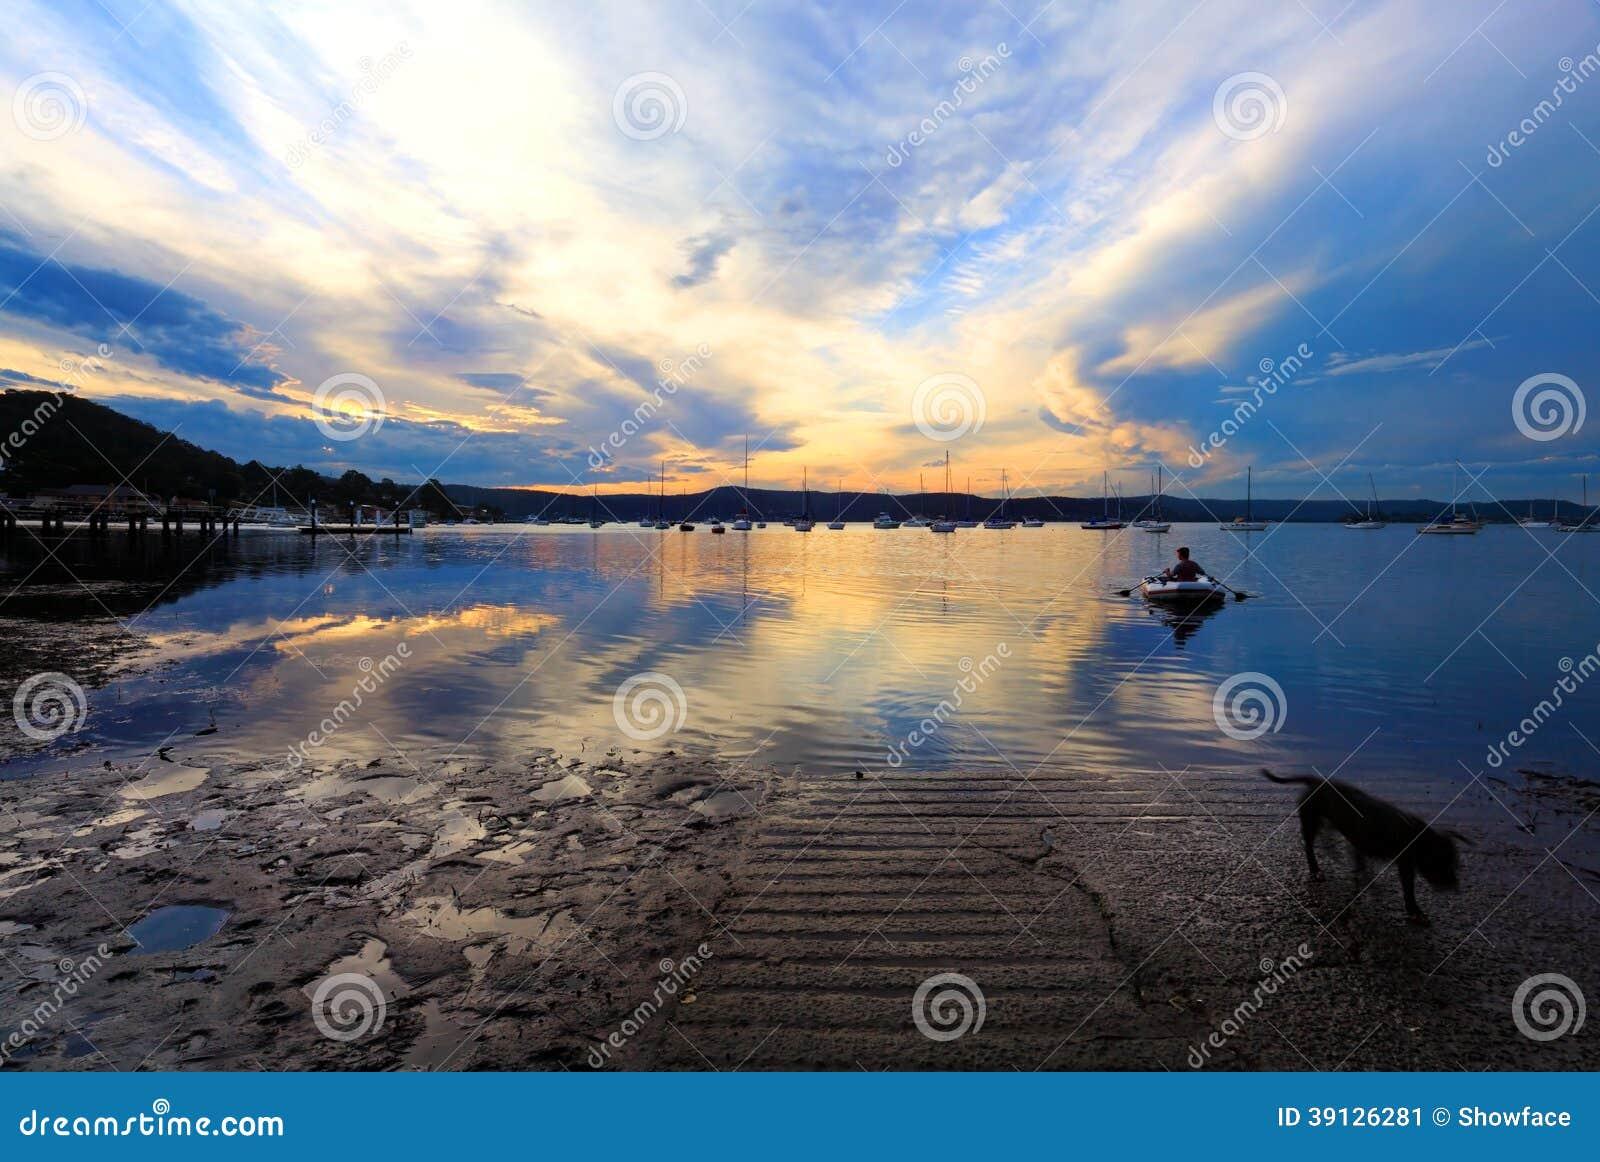 Roddbåt som kommer att stötta i solnedgång för sen eftermiddag